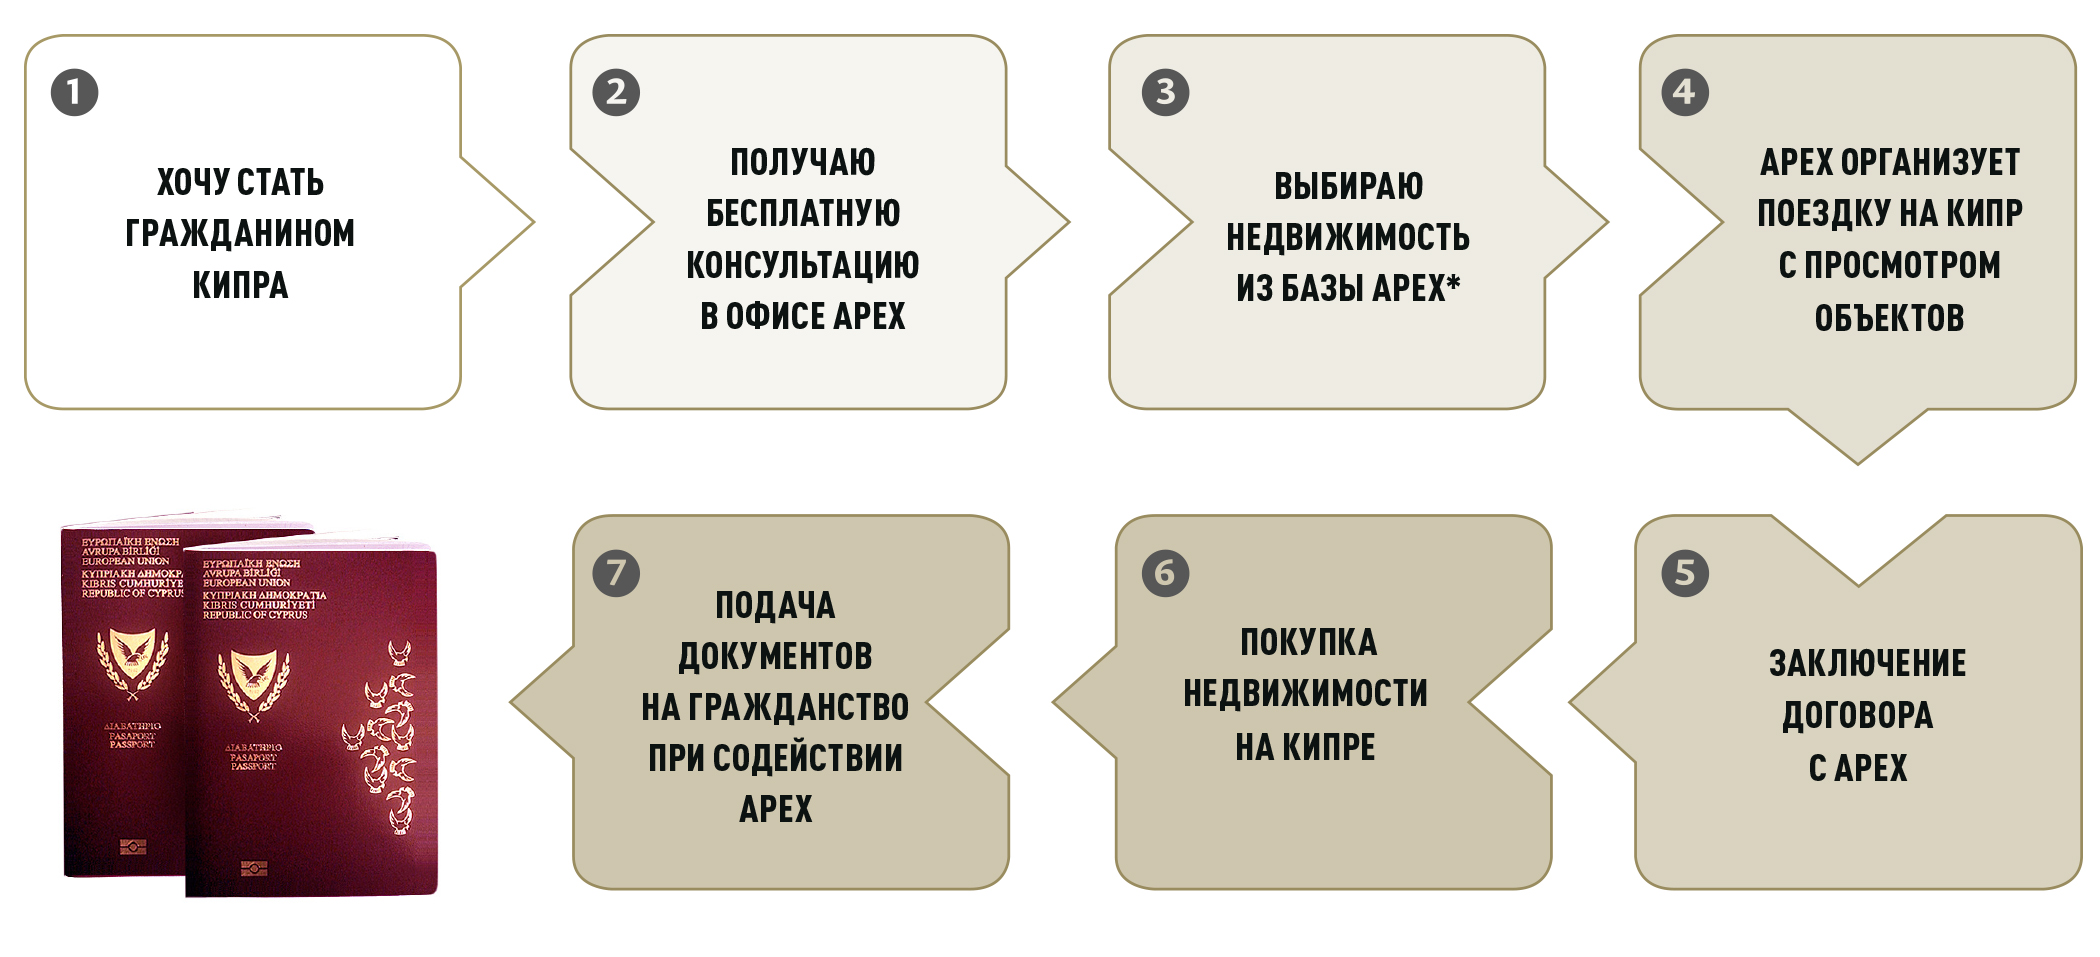 Гражданство Кипра